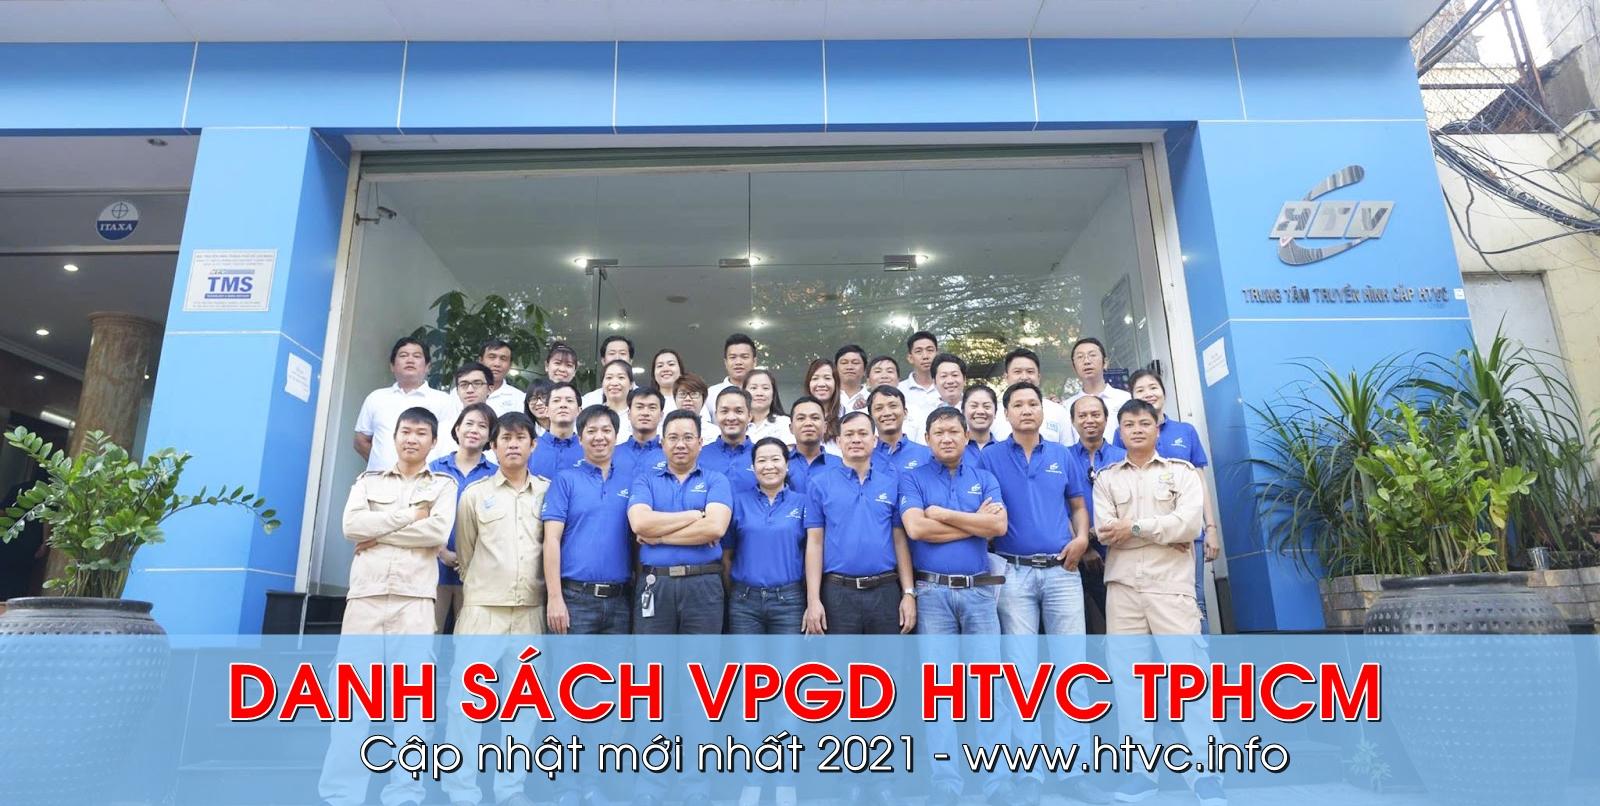 Danh sách văn phòng giao dịch của HTVC tại TPHCM